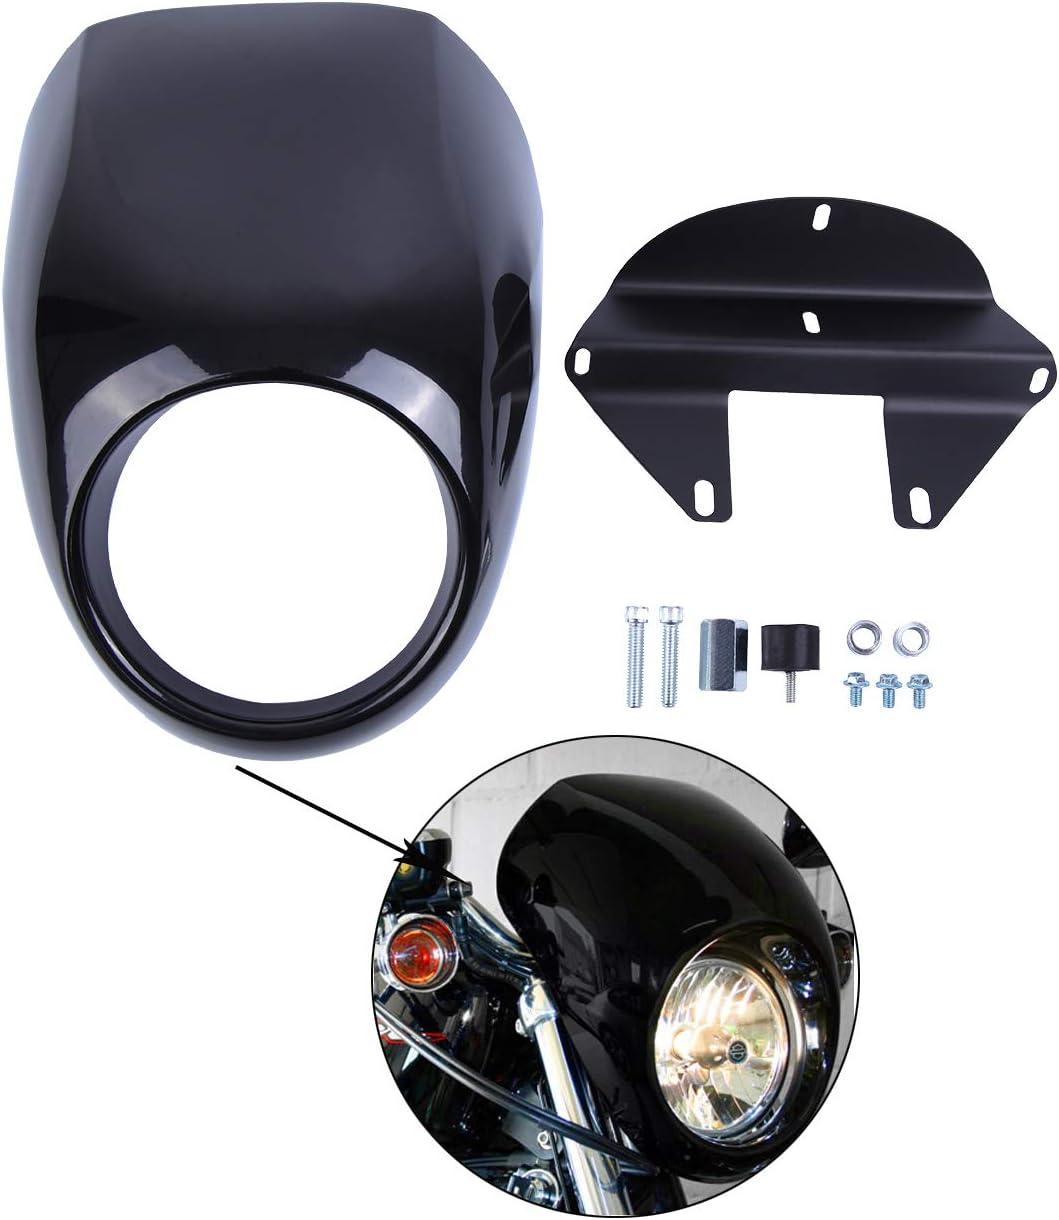 Samger Headlight Couverture de car/énage car/énage avant visi/ère de masque pour 1973 Up Harley Sportster Dyna FX XL